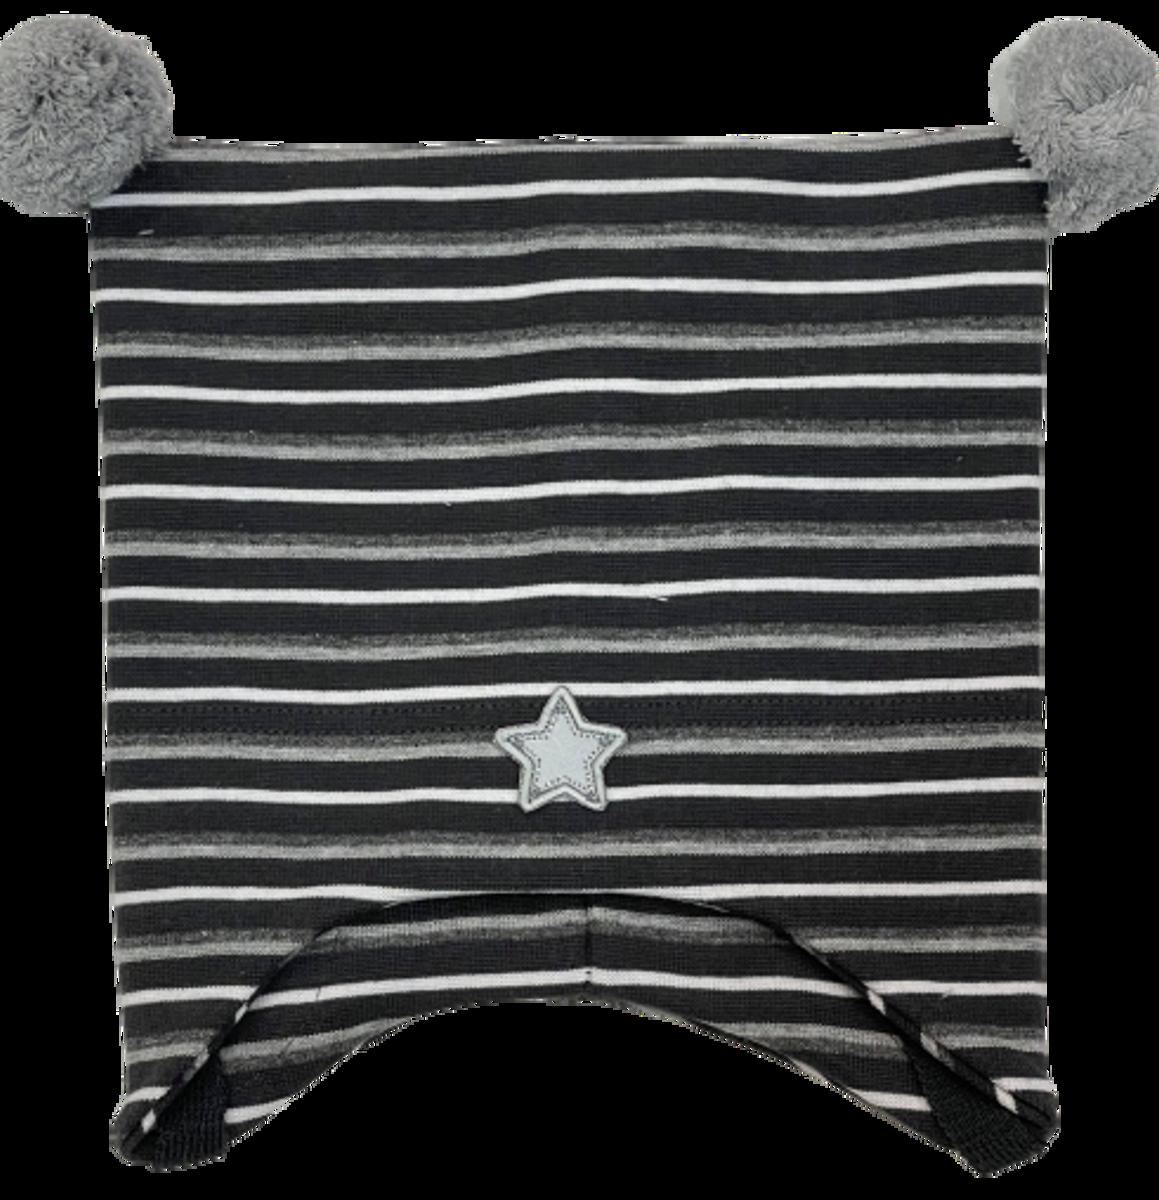 Kivat Stjerne knytelue m/dusker -grå stripet